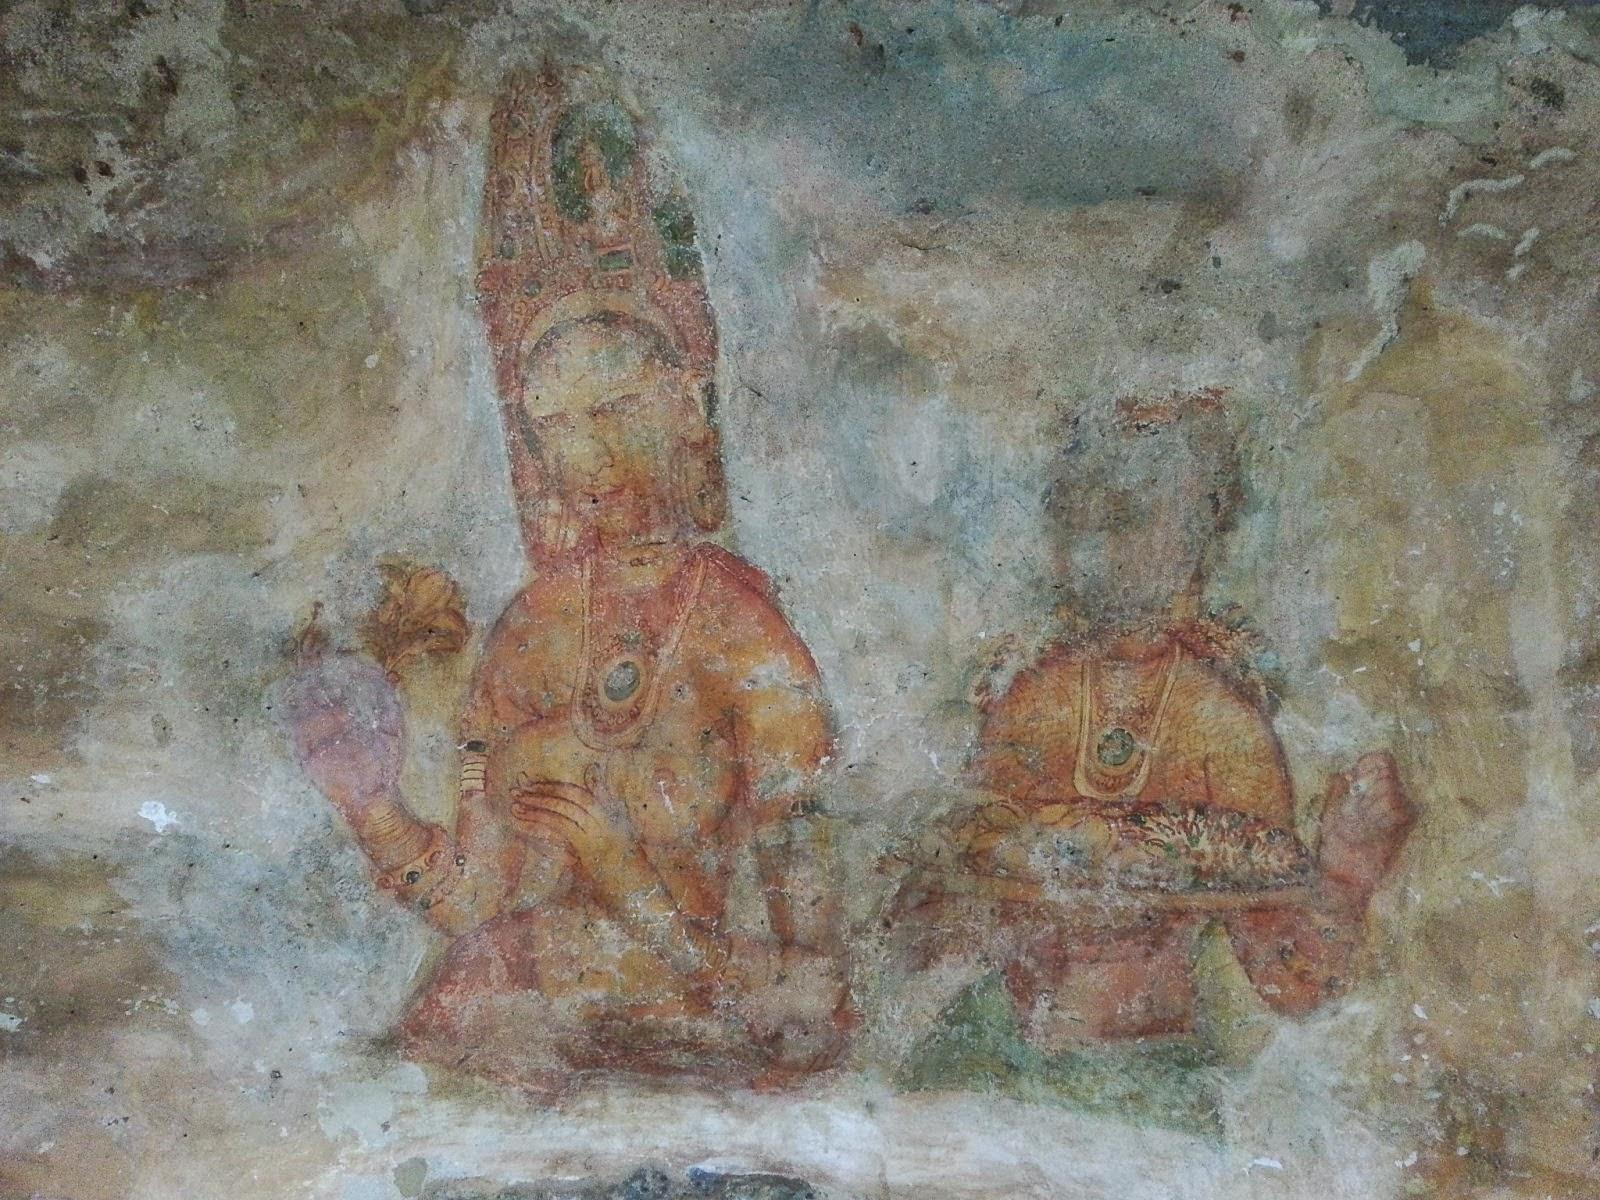 Древние тысячелетние фрески повреждены временем, дошли до нашего времени, наших дней, Сигирия